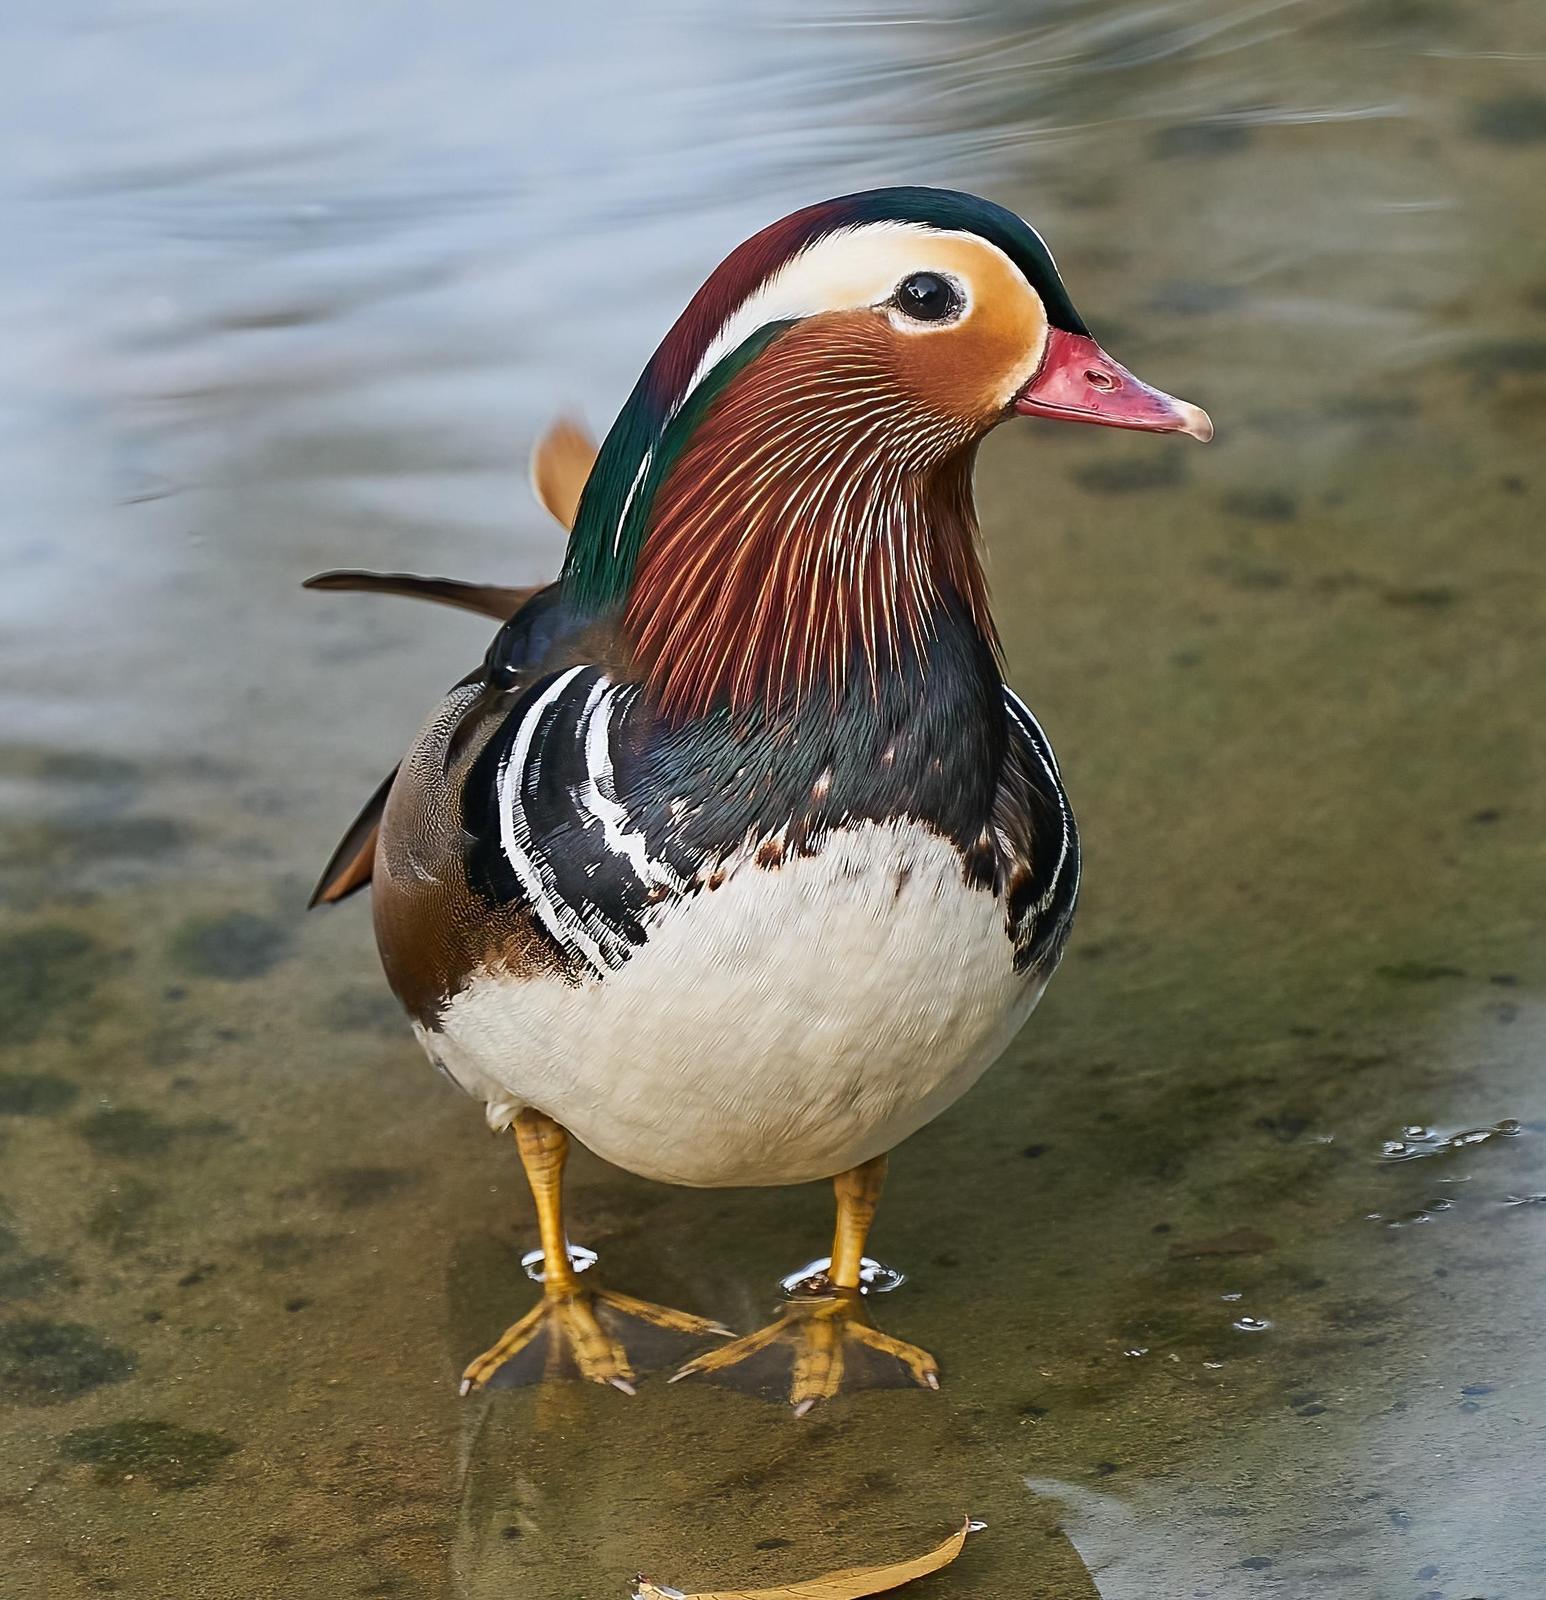 Mandarin Duck Photo by Steven Cheong